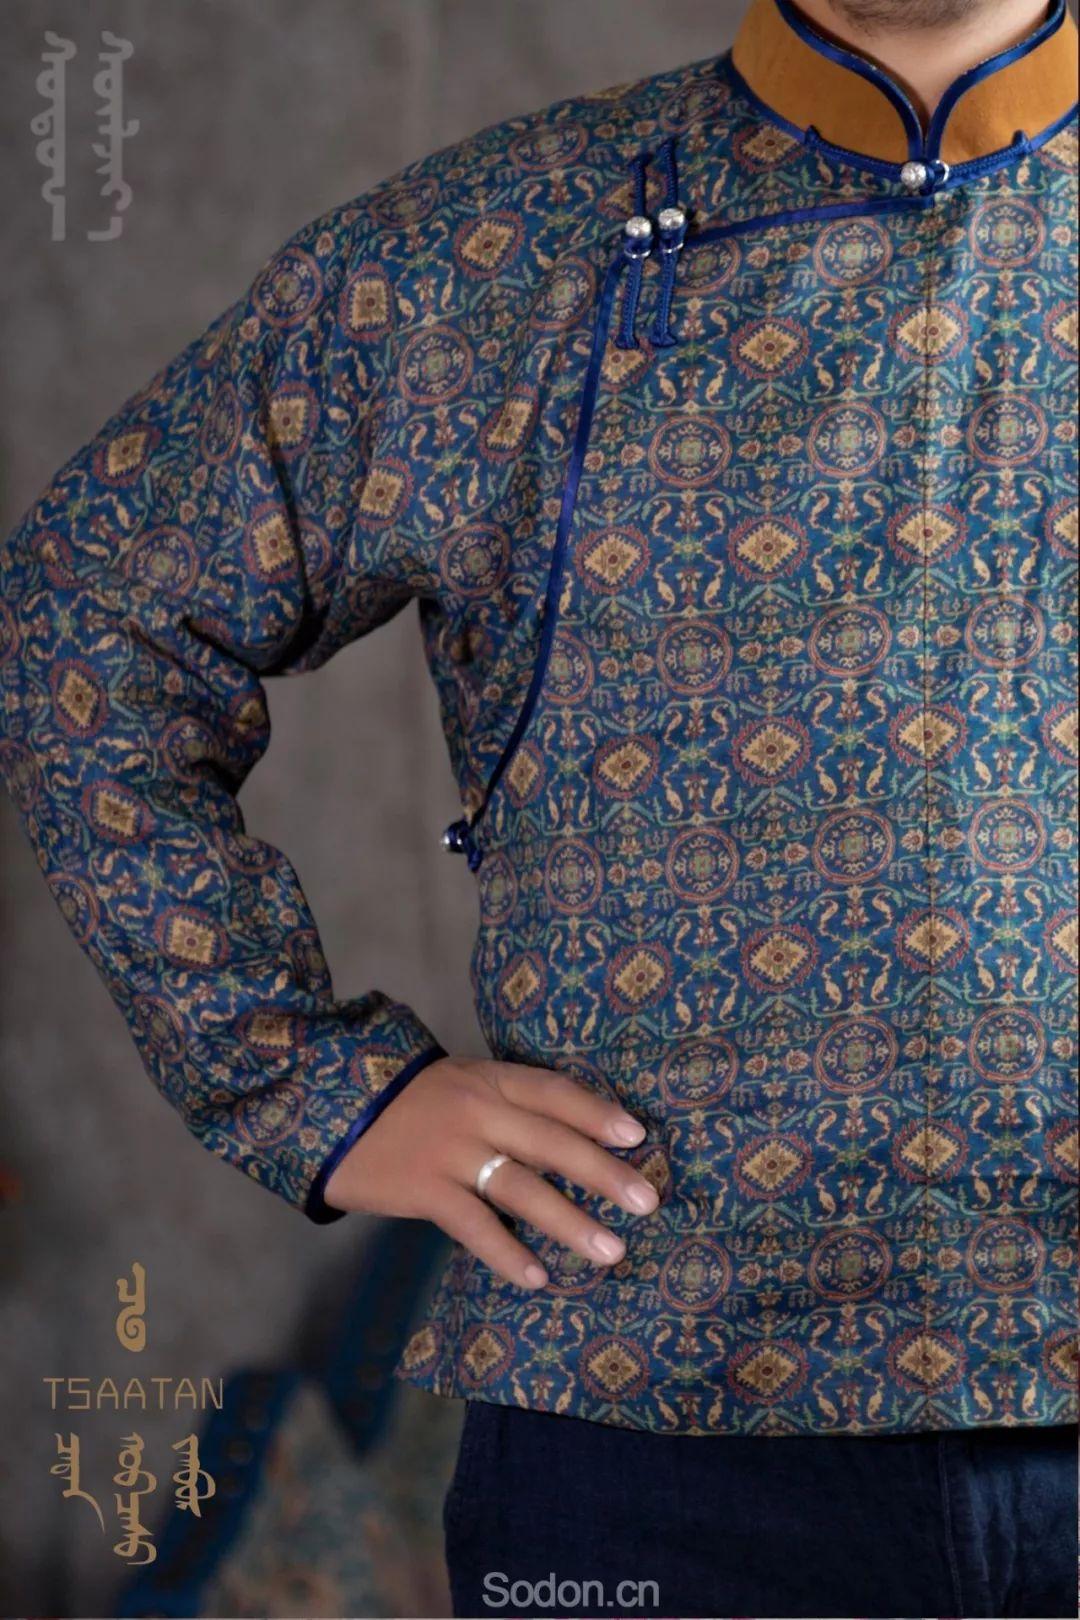 TSAATAN蒙古时装 2019新款,来自驯鹿人的独特魅力! 第13张 TSAATAN蒙古时装 2019新款,来自驯鹿人的独特魅力! 蒙古服饰